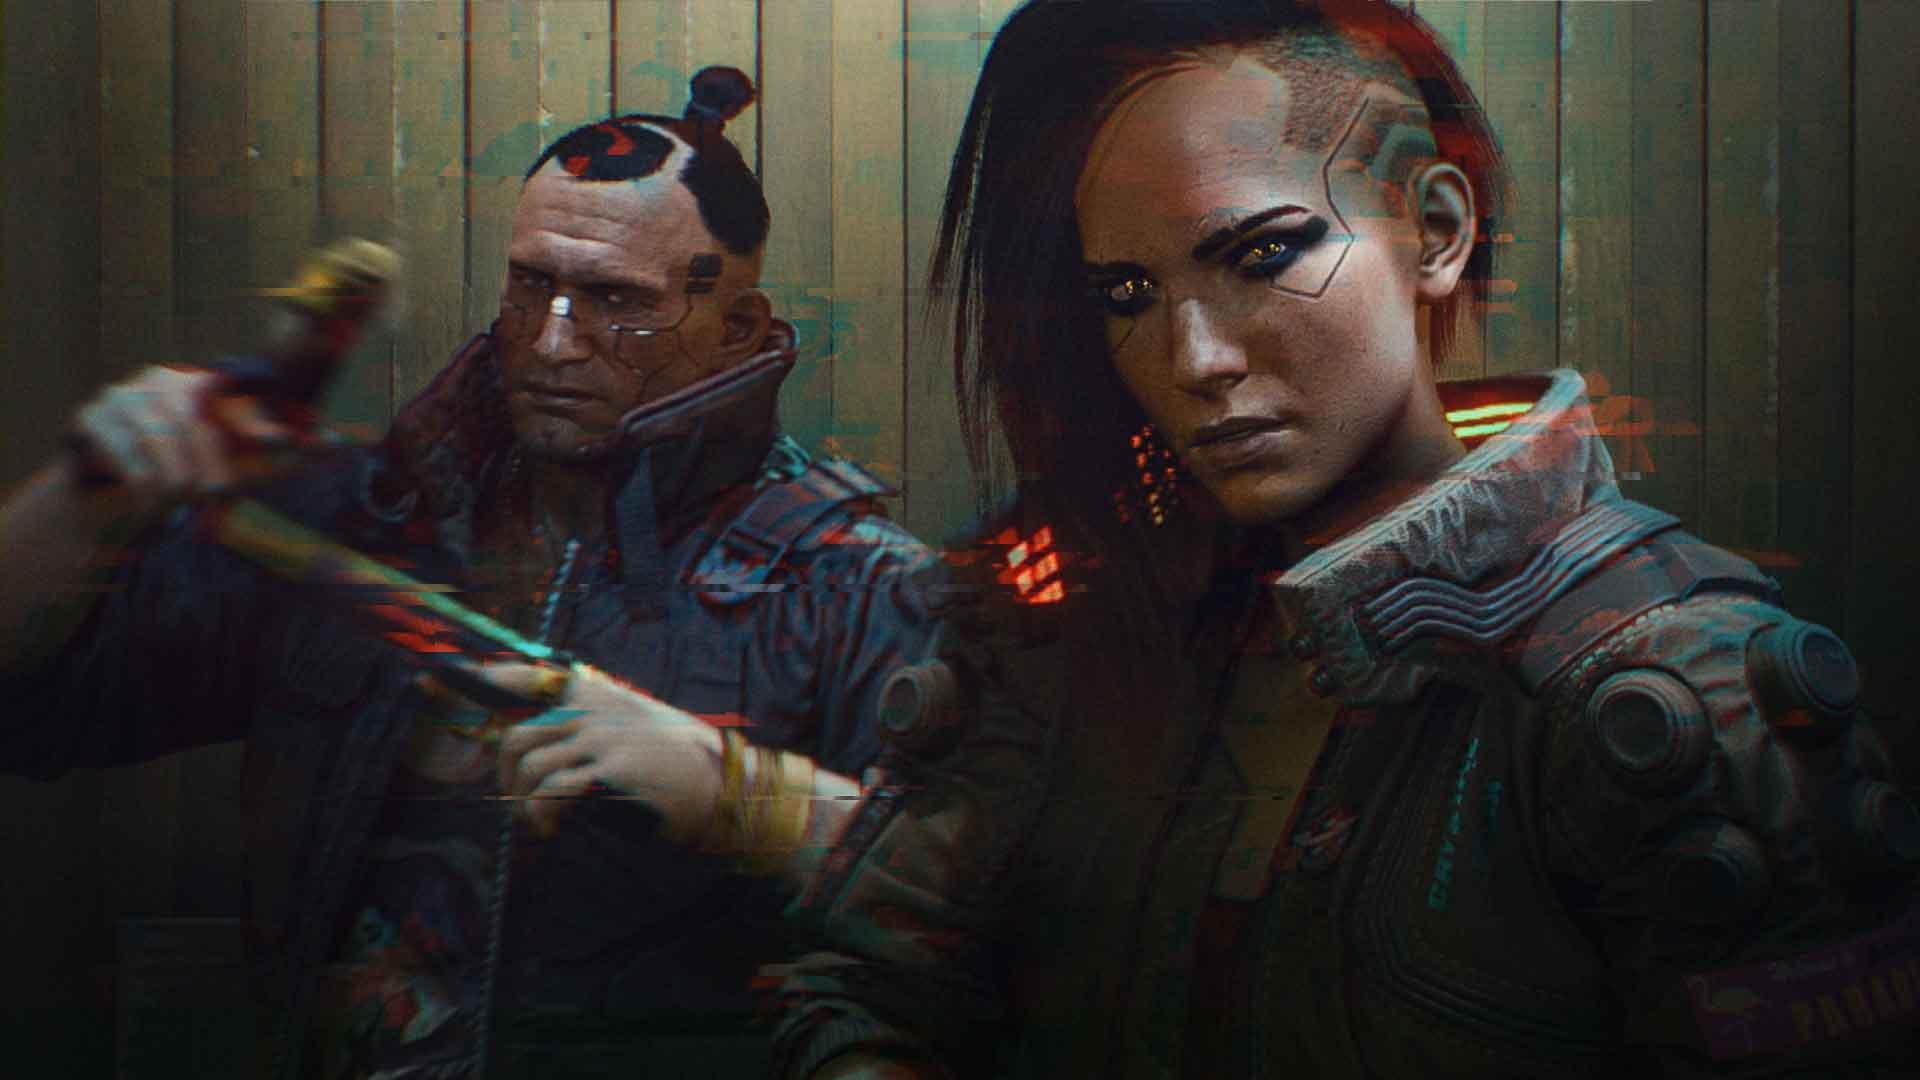 Cyberpunk 2077 disporrà di una modalità multiplayer e di DLC gratuiti